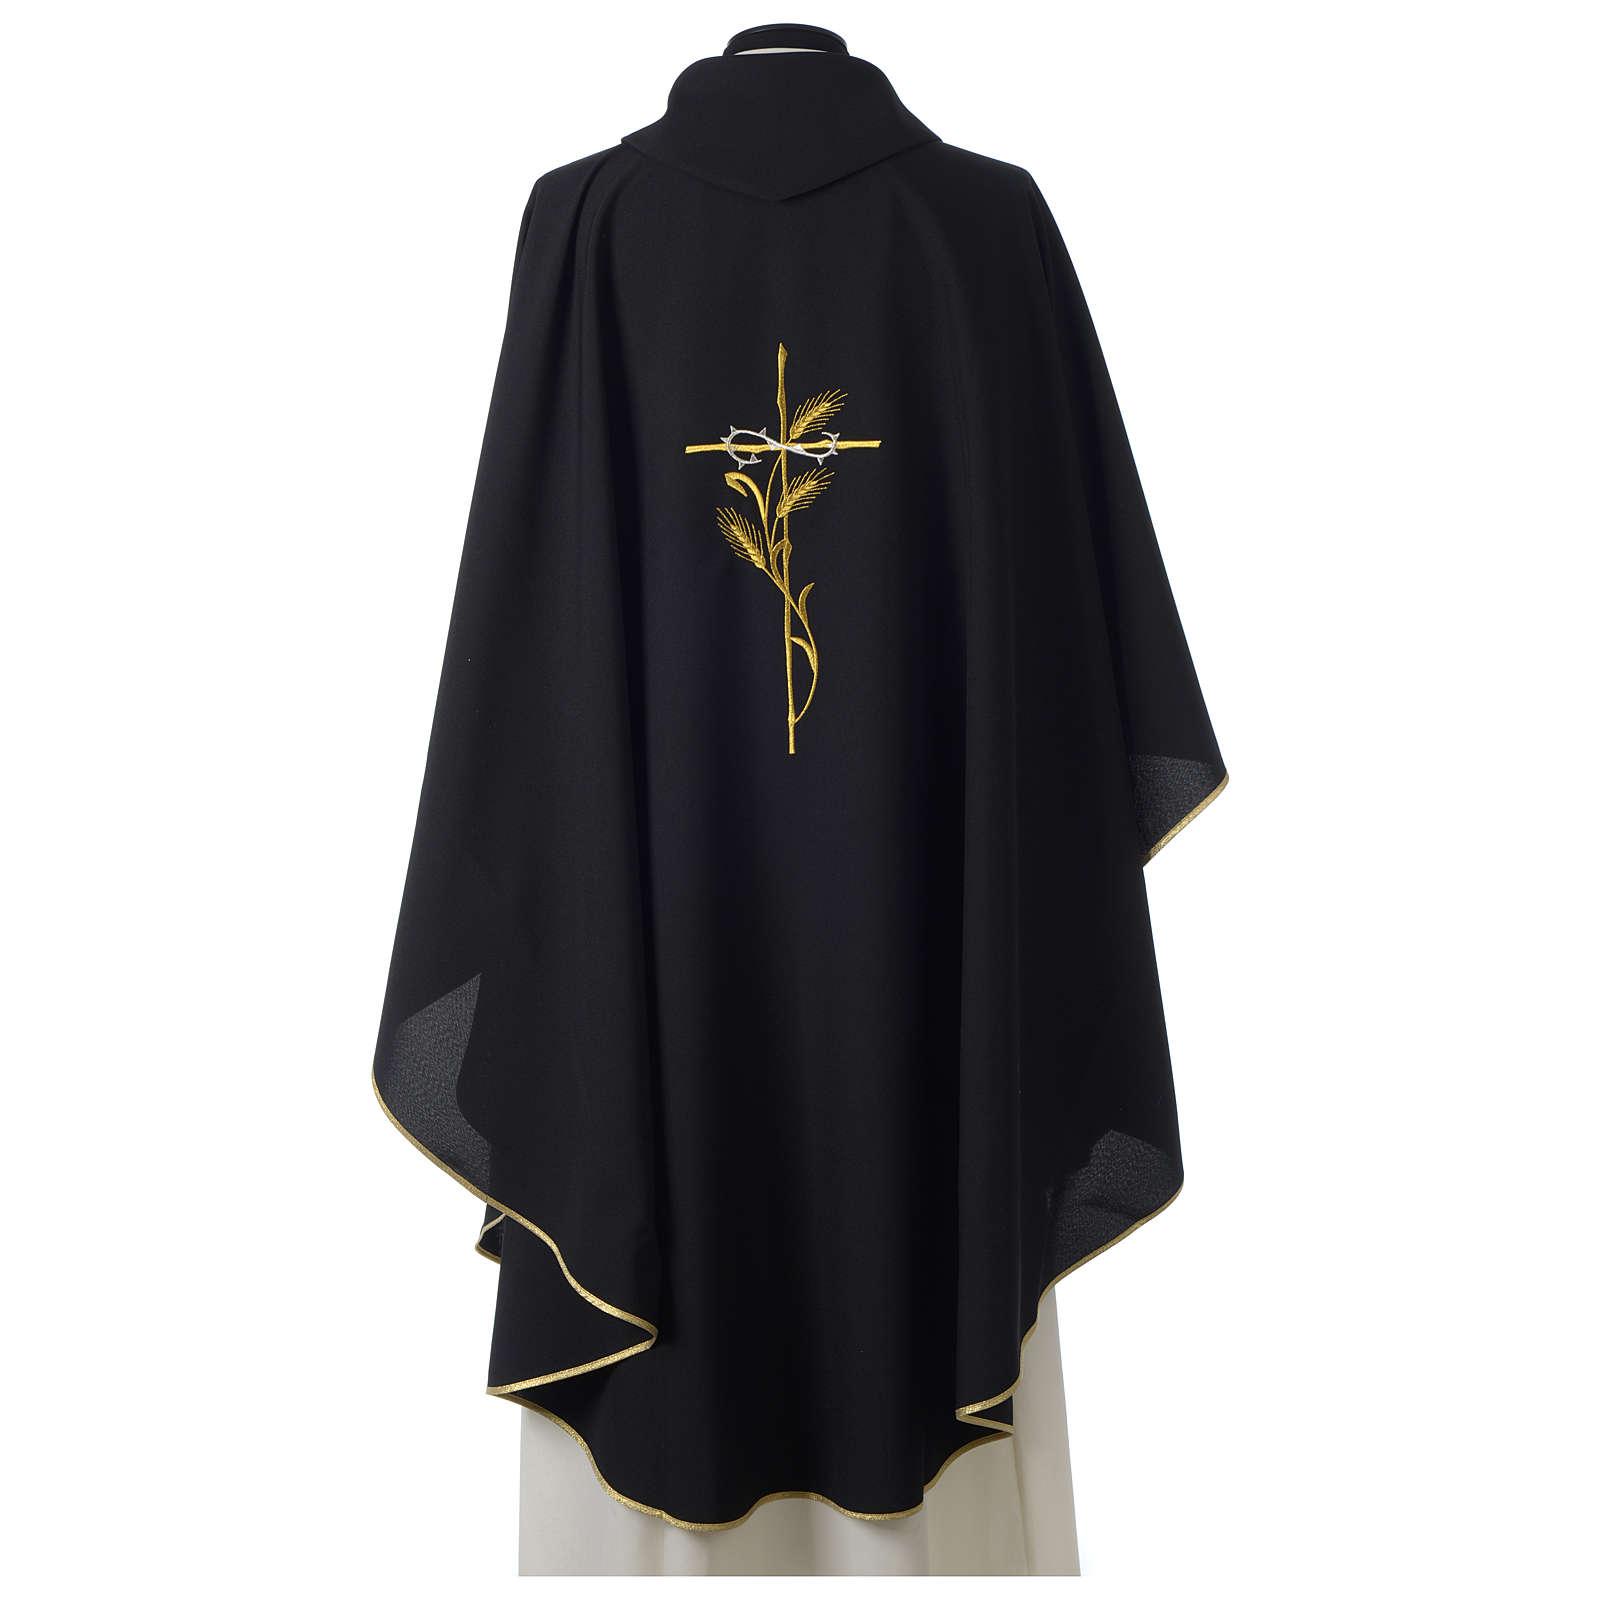 Casula 100% poliéster bordado cruz trigo coroa espinhas preto 4